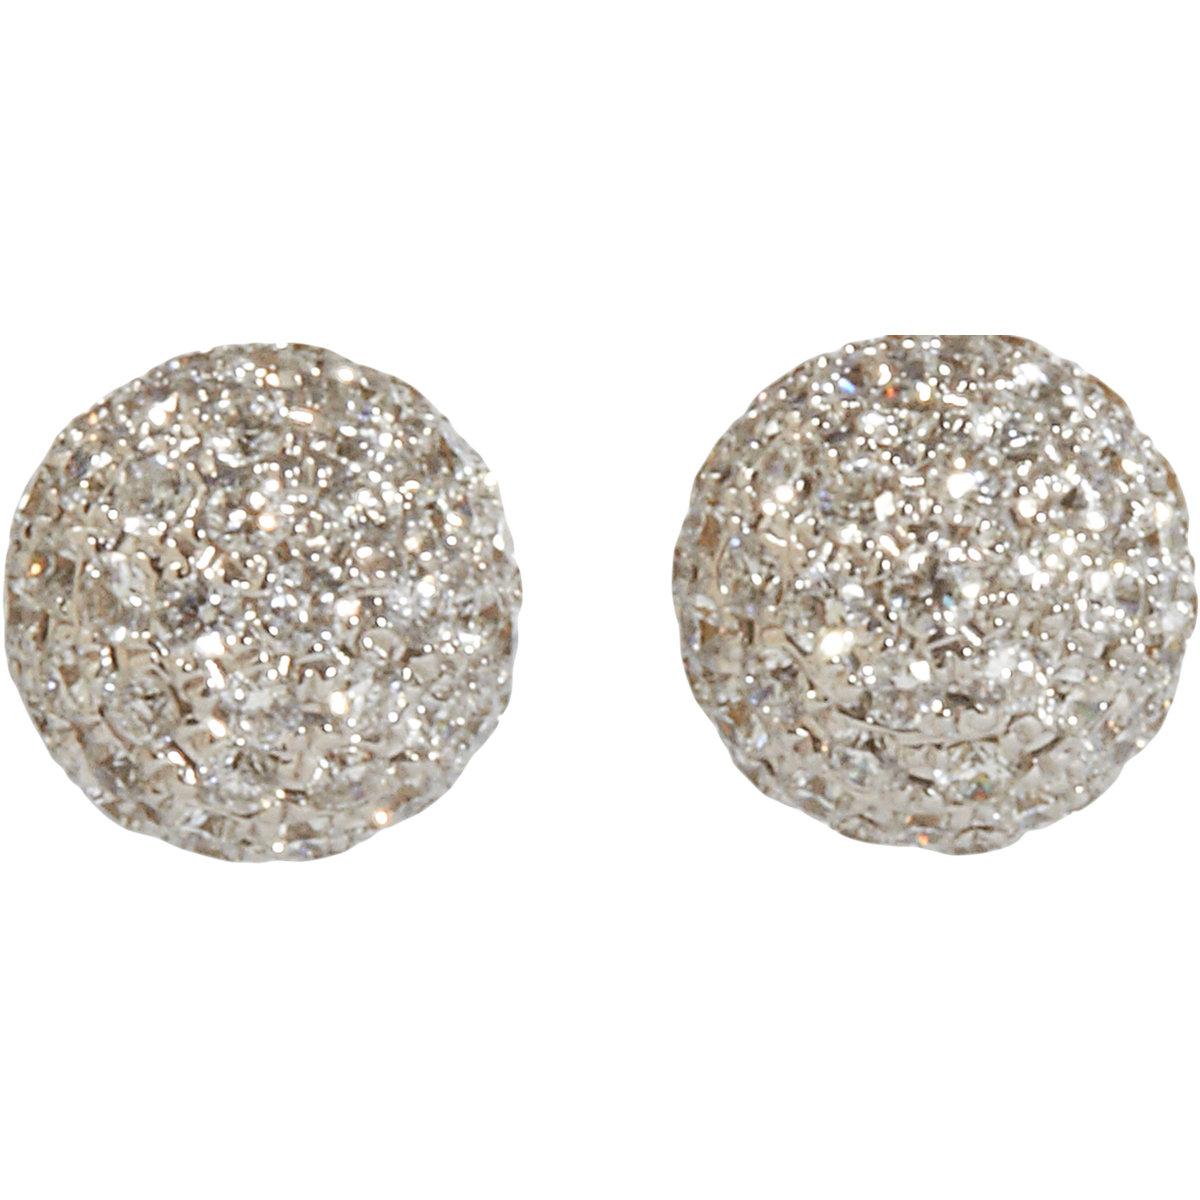 Diamond Pave Stud Earrings Topearrings